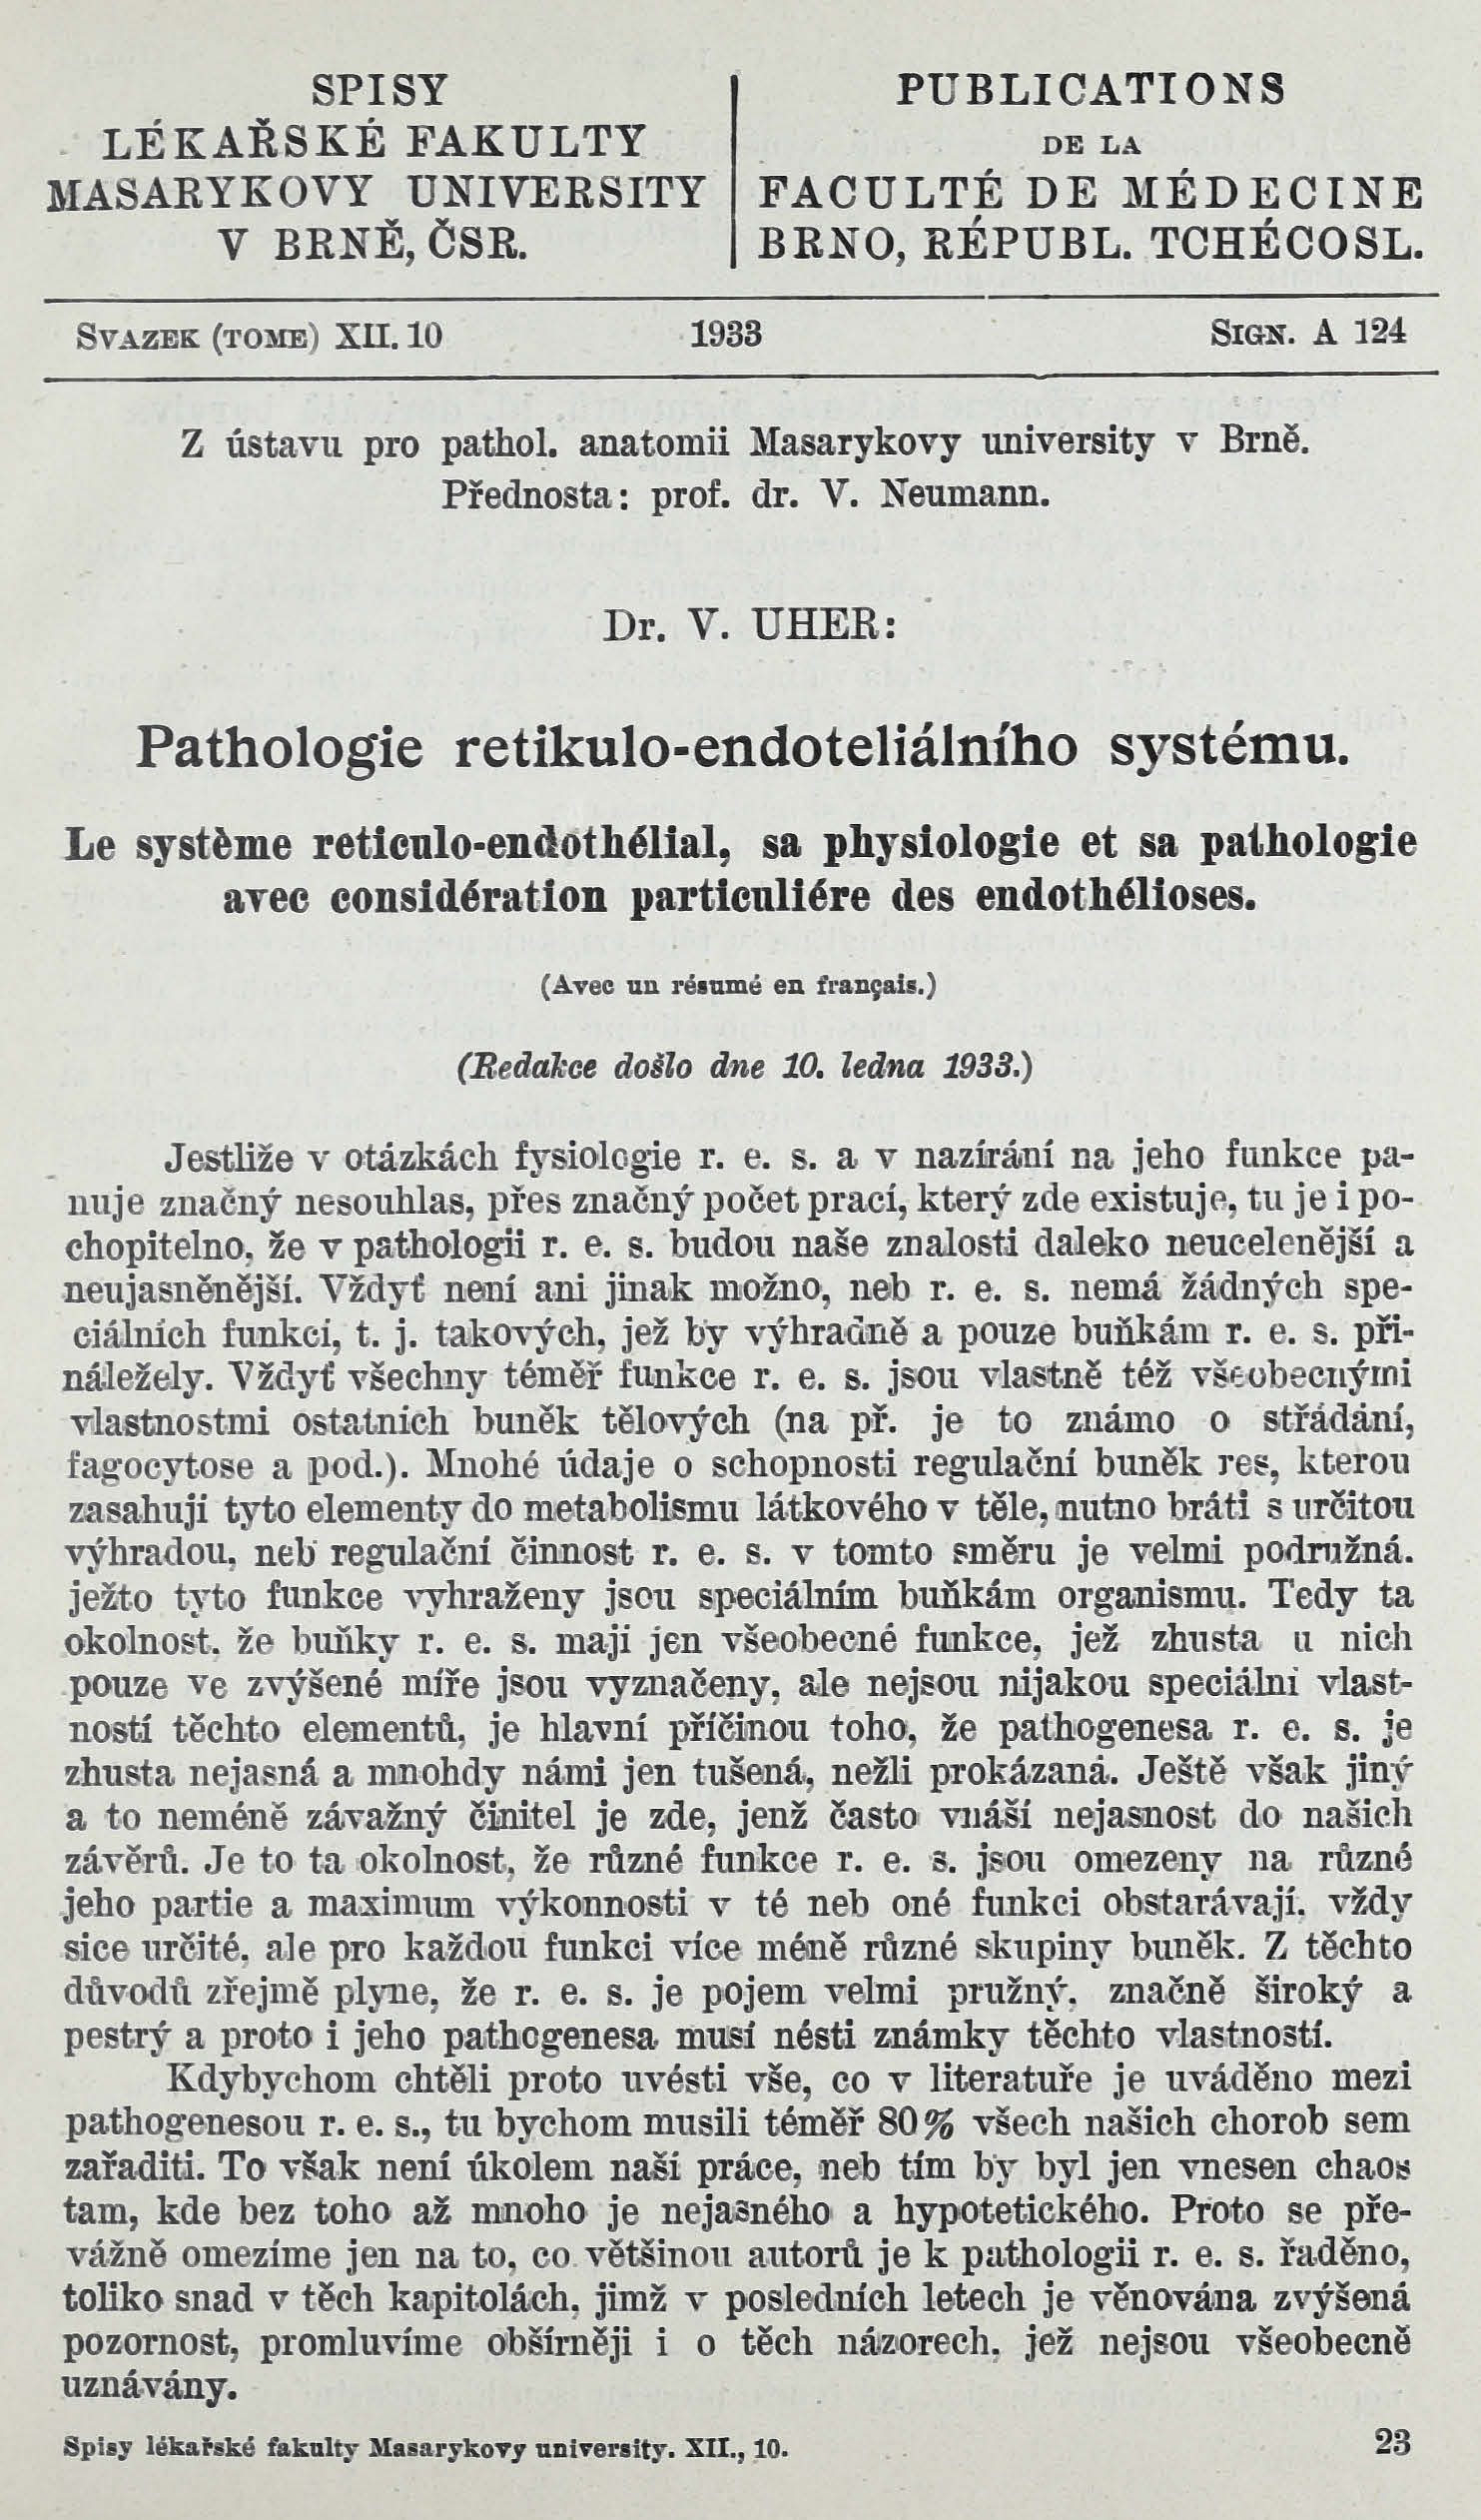 Obálka pro Pathologie retikulo-endoteliálního systému / Le système reticuloendothélial, sa physiologie et sa pathologie avec considération particulière des endothélioses